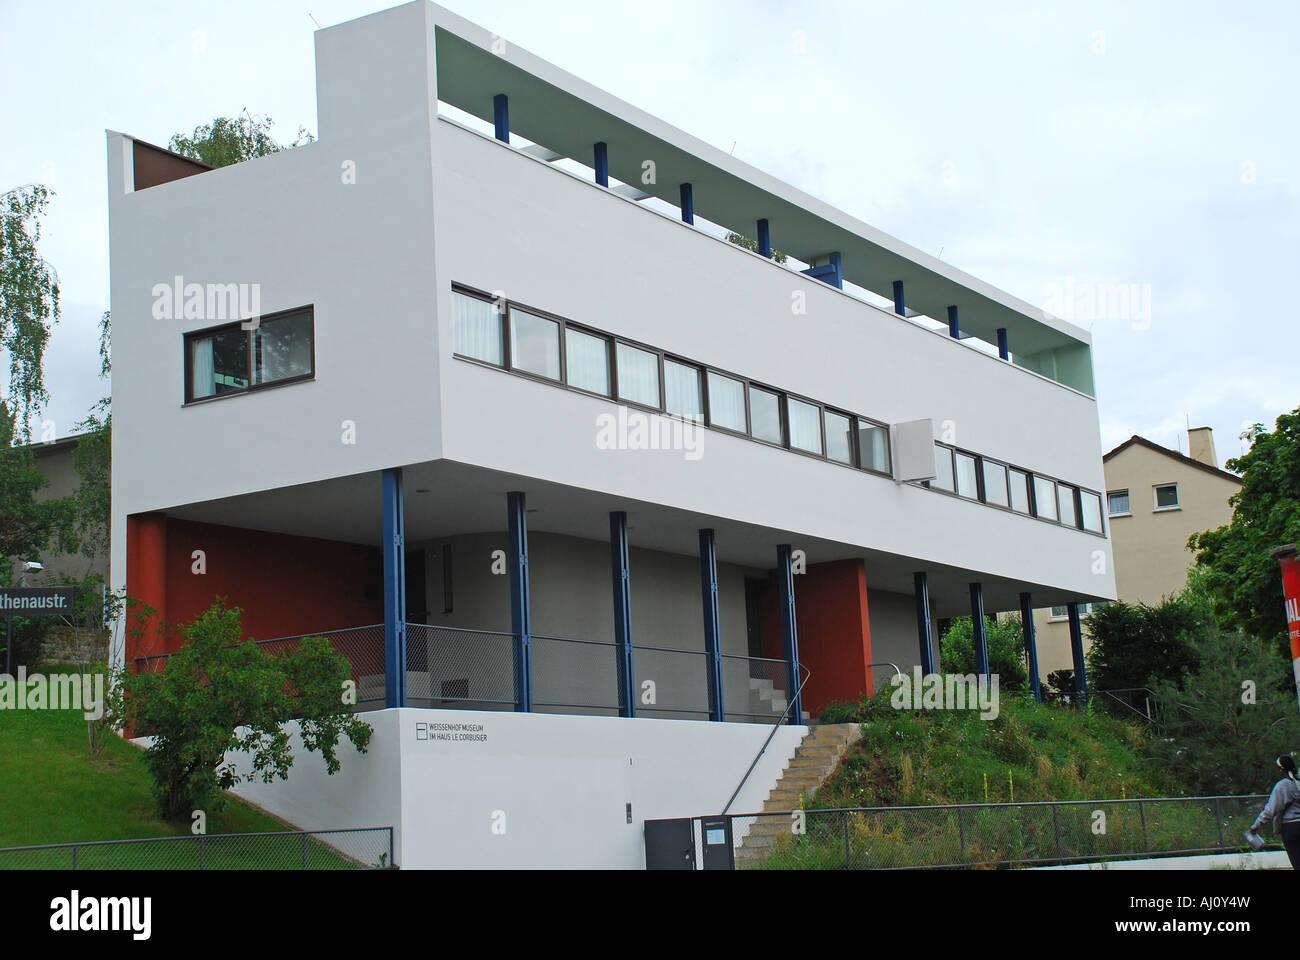 Doppelhaush lfte des architekten le corbusier rathenaustr - Gartengestaltung doppelhaushalfte bilder ...